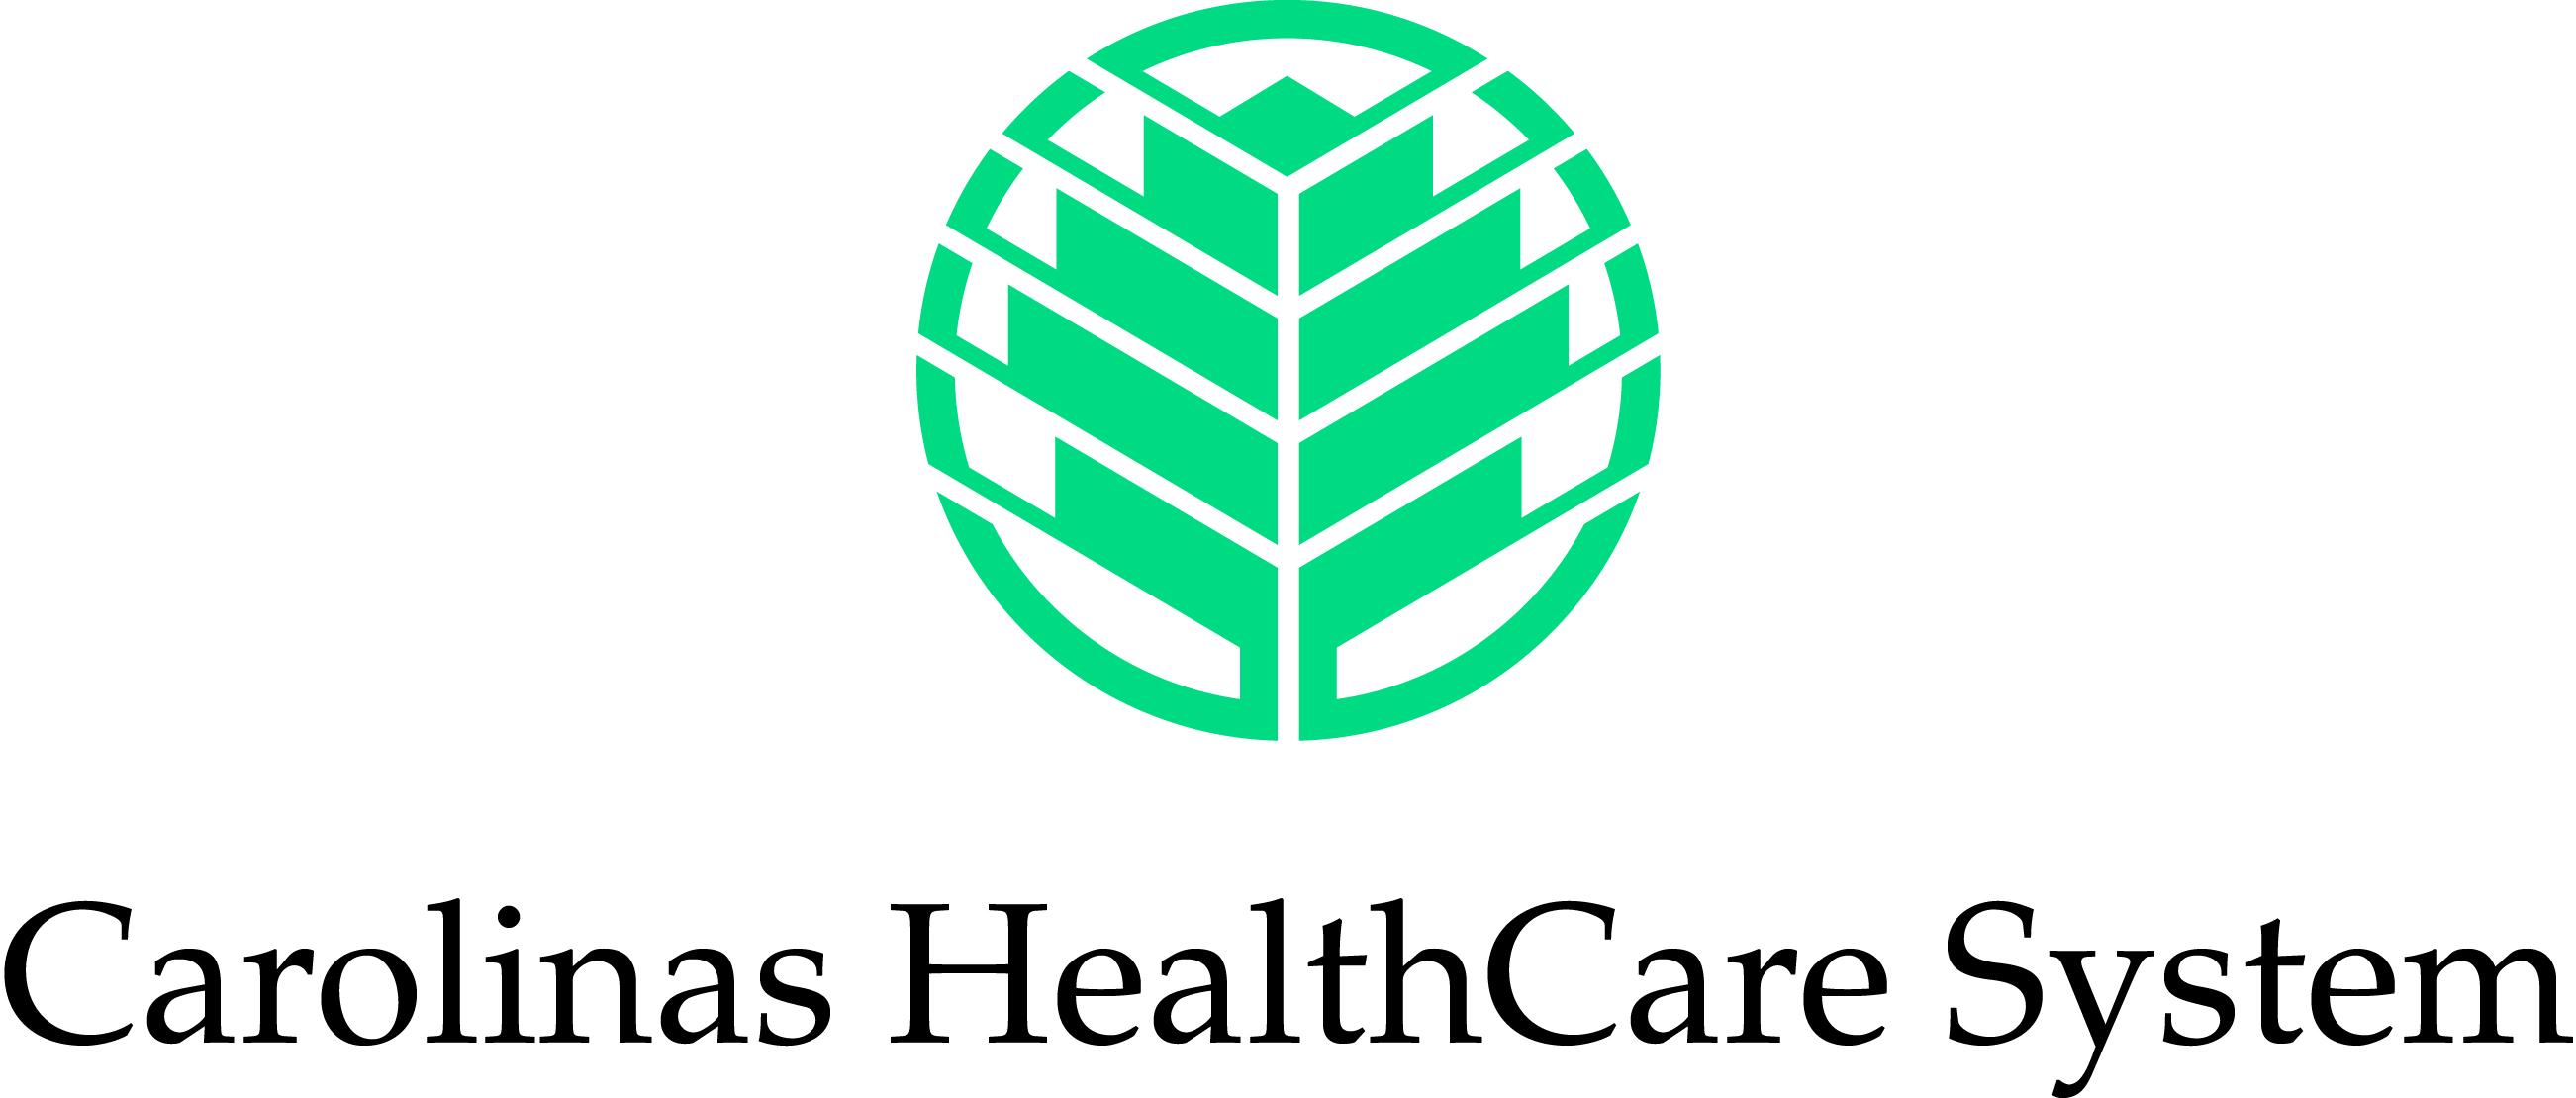 Carolinas HealhCare System logo